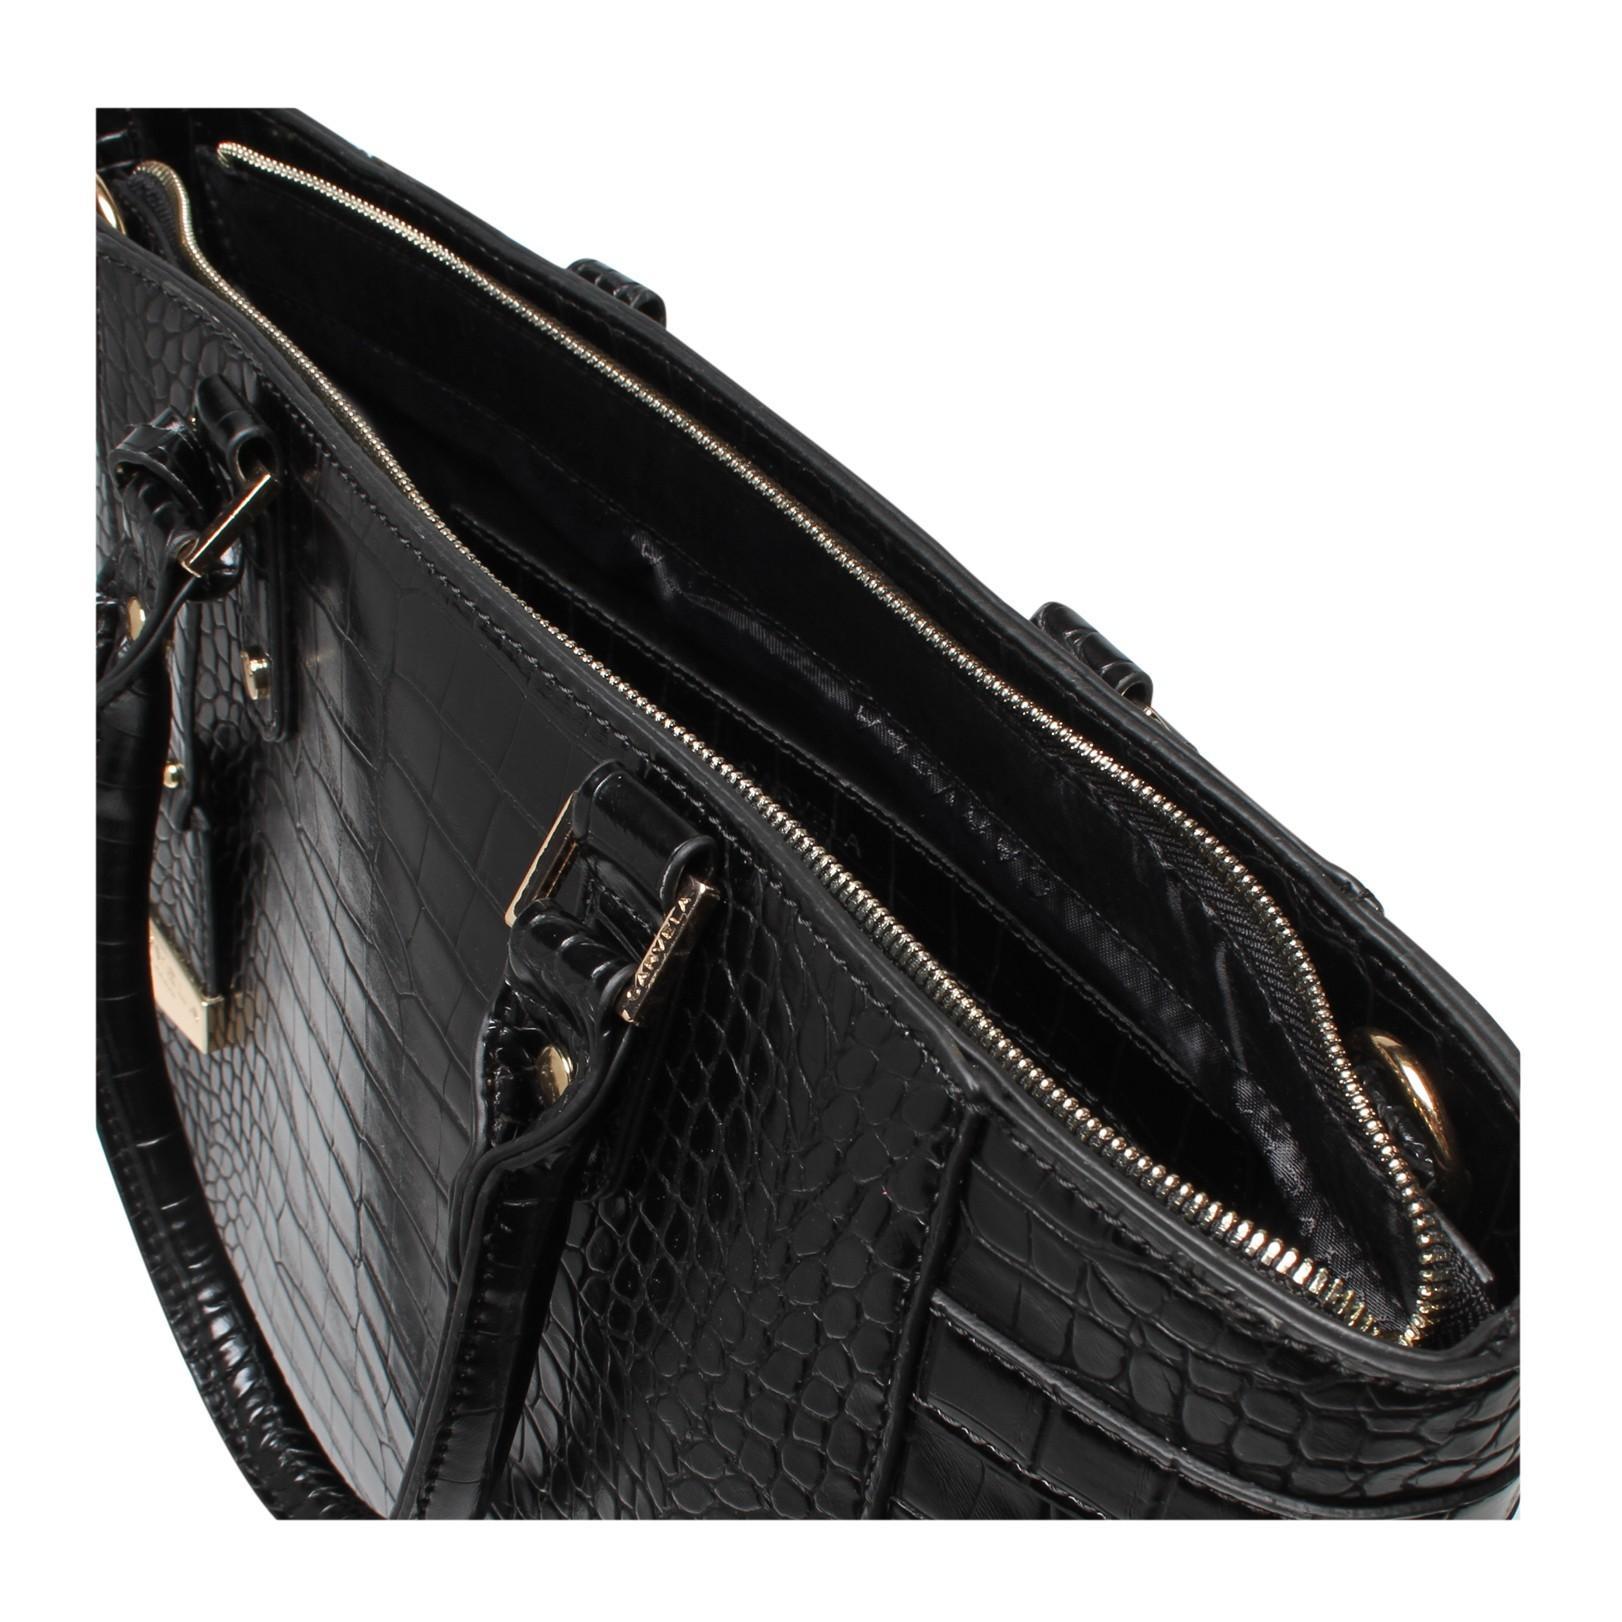 Carvela Kurt Geiger Synthetic Arlette Croc Tote Bag in Black